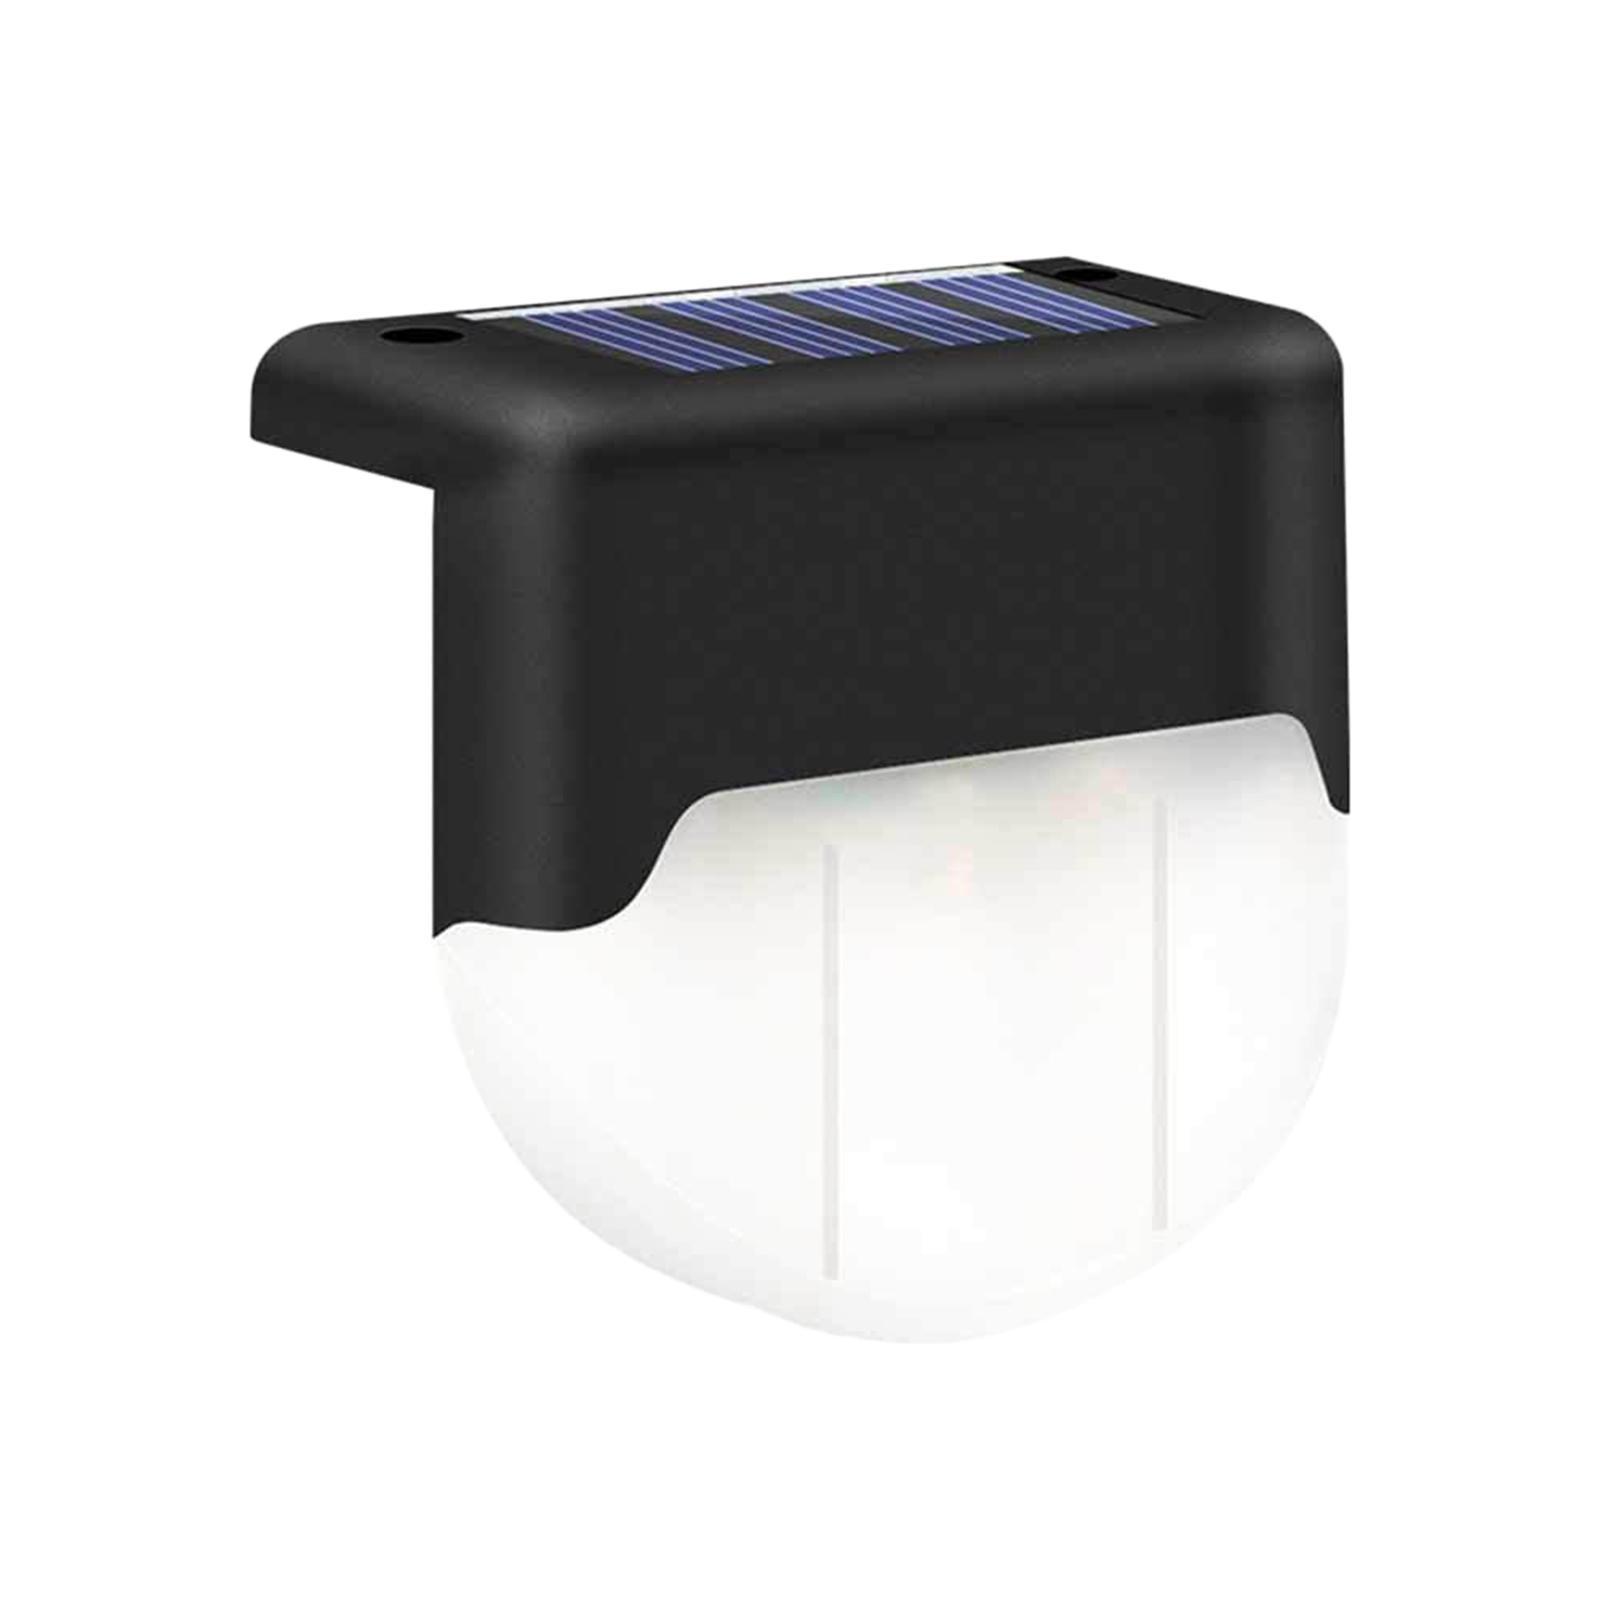 miniatura 3 - Lumiere-solaire-d-039-escalier-de-chemin-de-LED-lumieres-exterieures